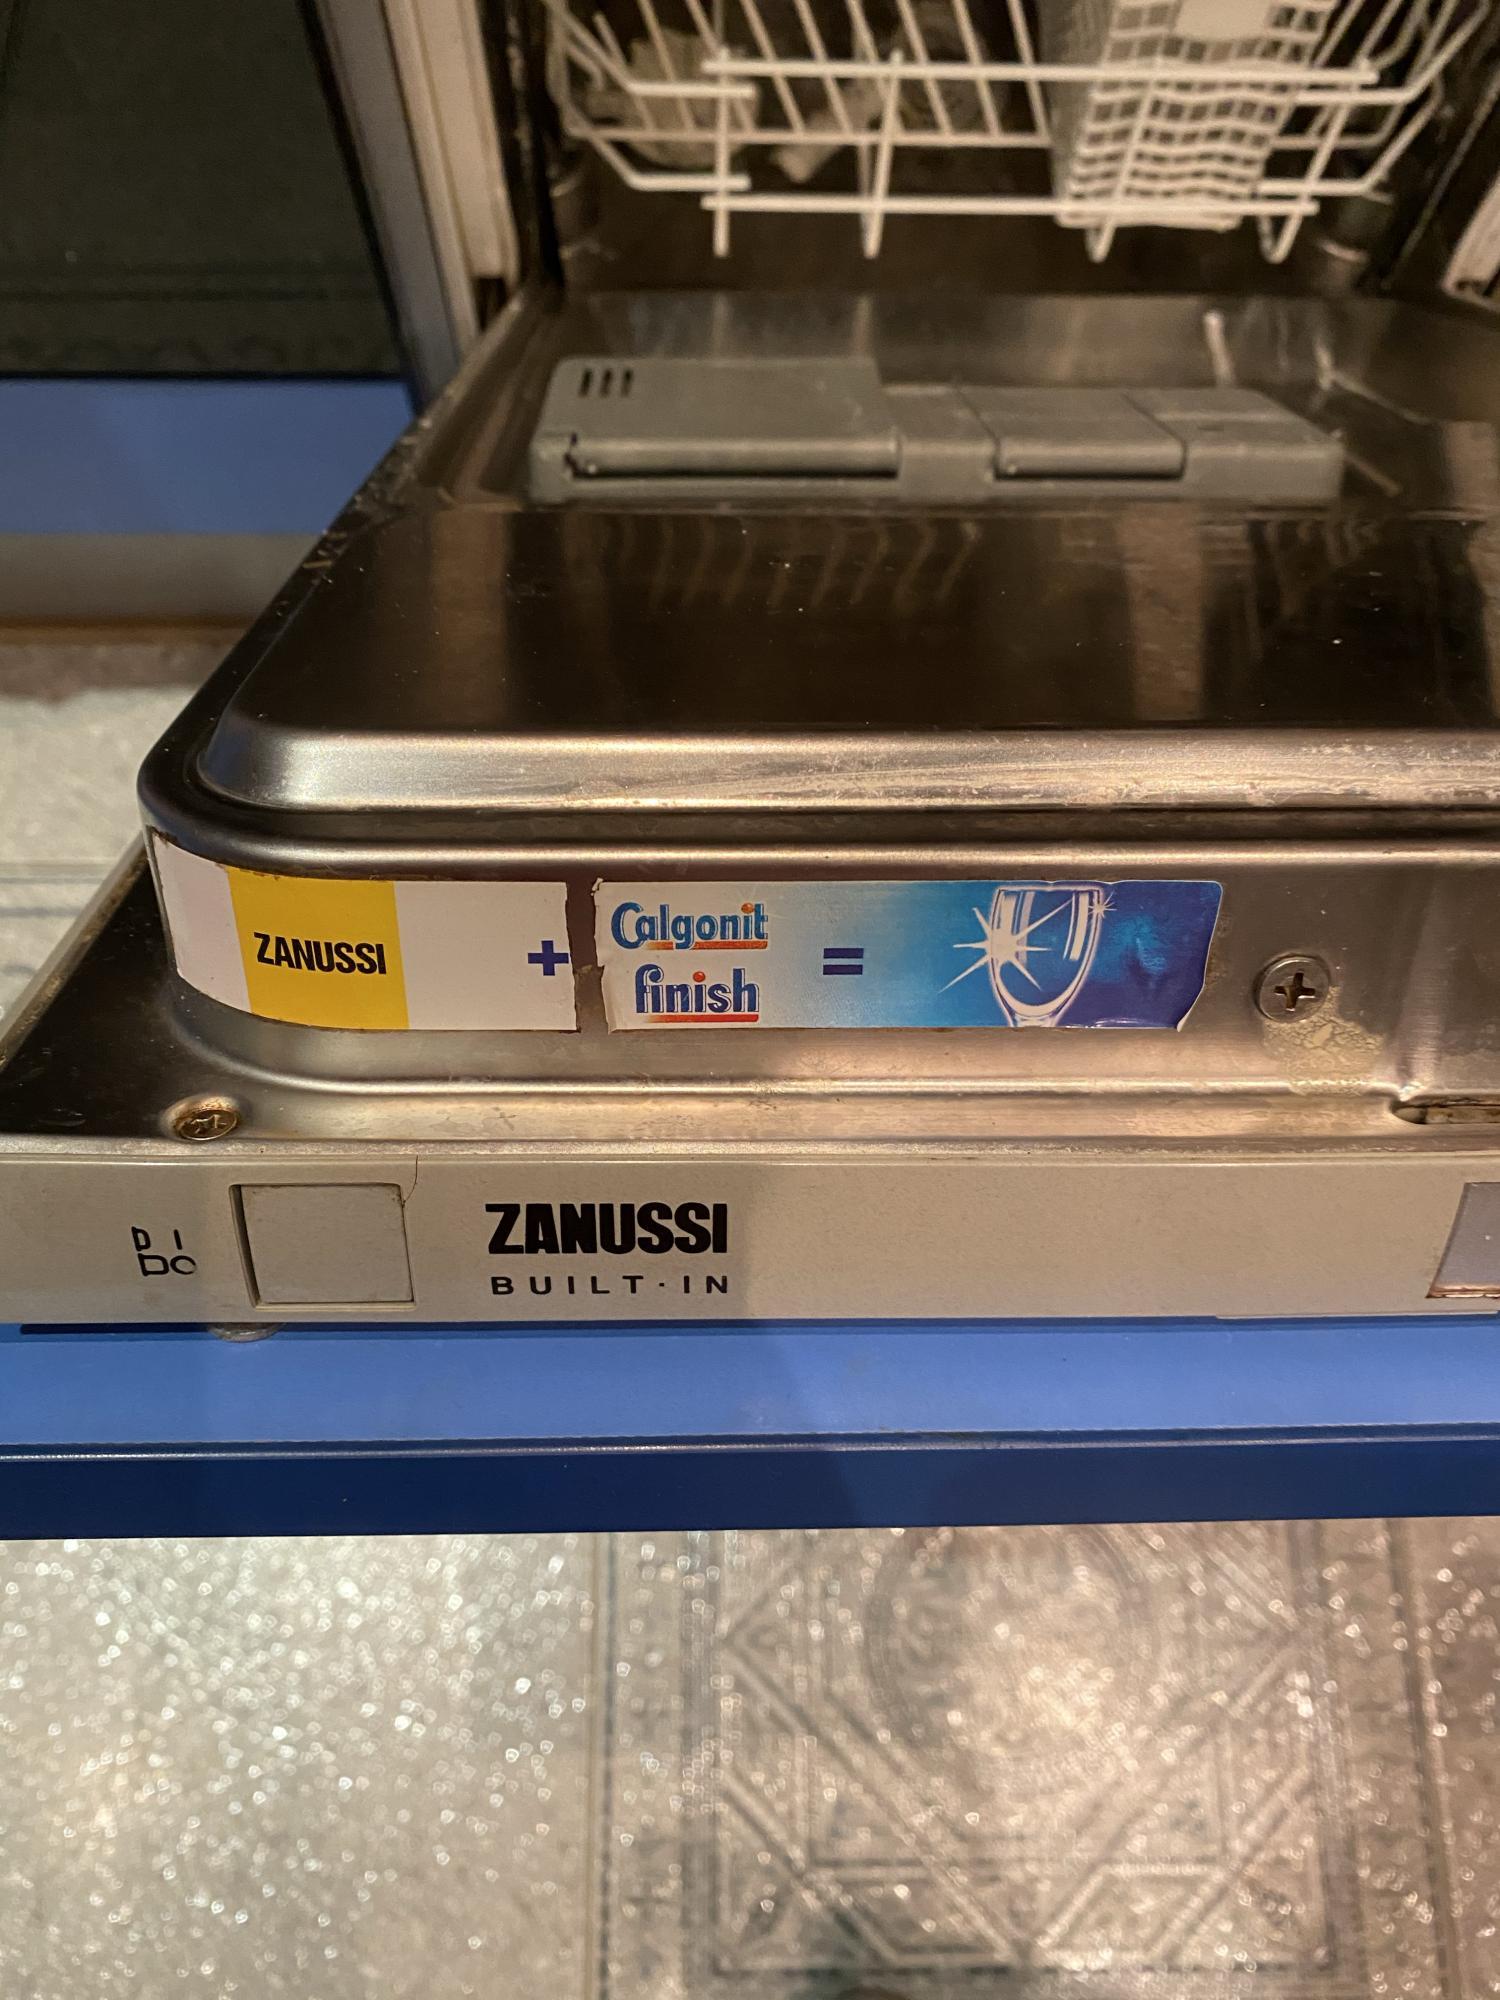 Посудомойка zanussi в Москве 89032832228 купить 1